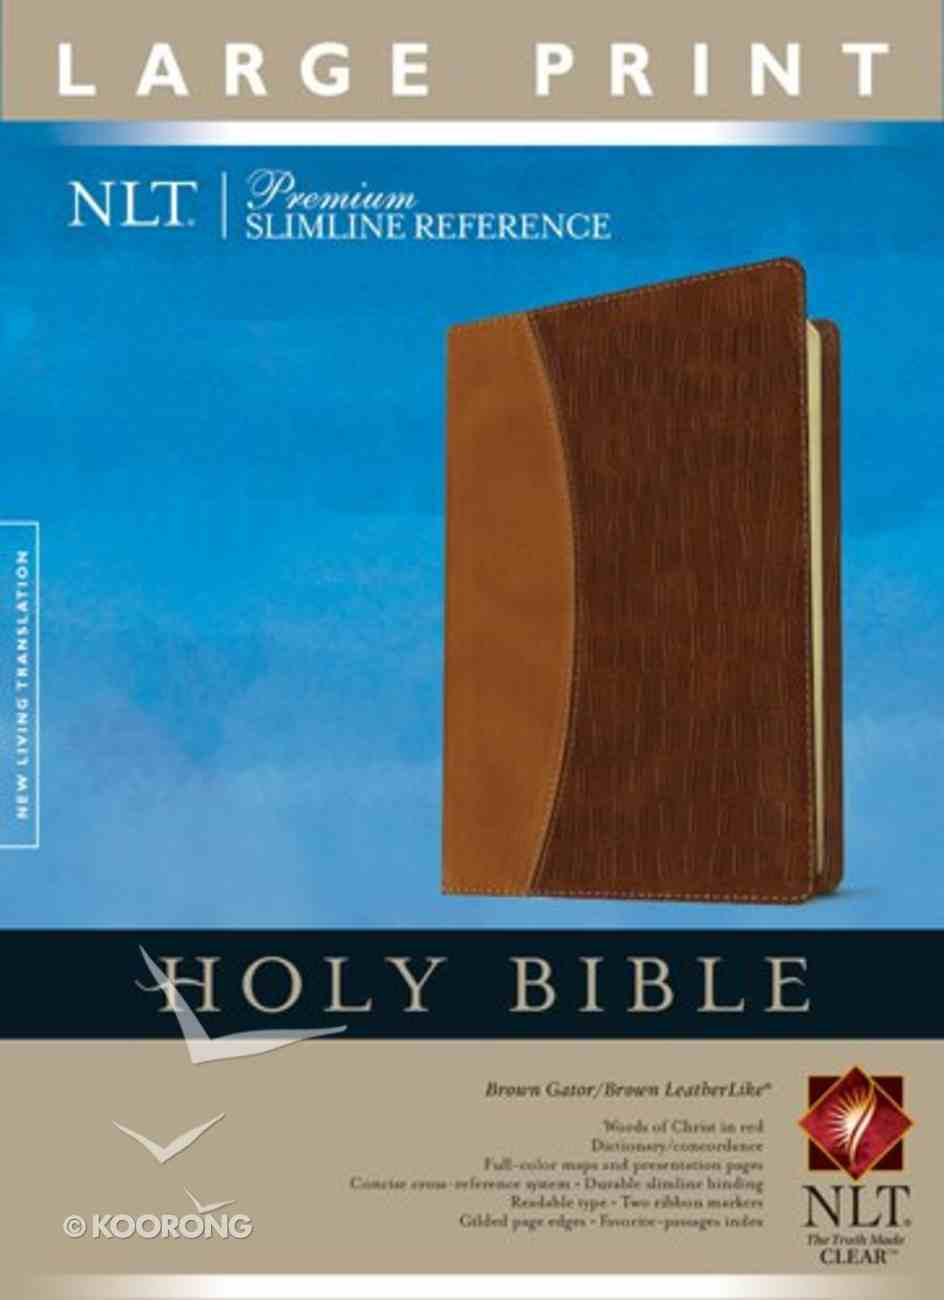 NLT Slimline Large Print Brown/Light Brown Gator (Red Letter Edition) Imitation Leather